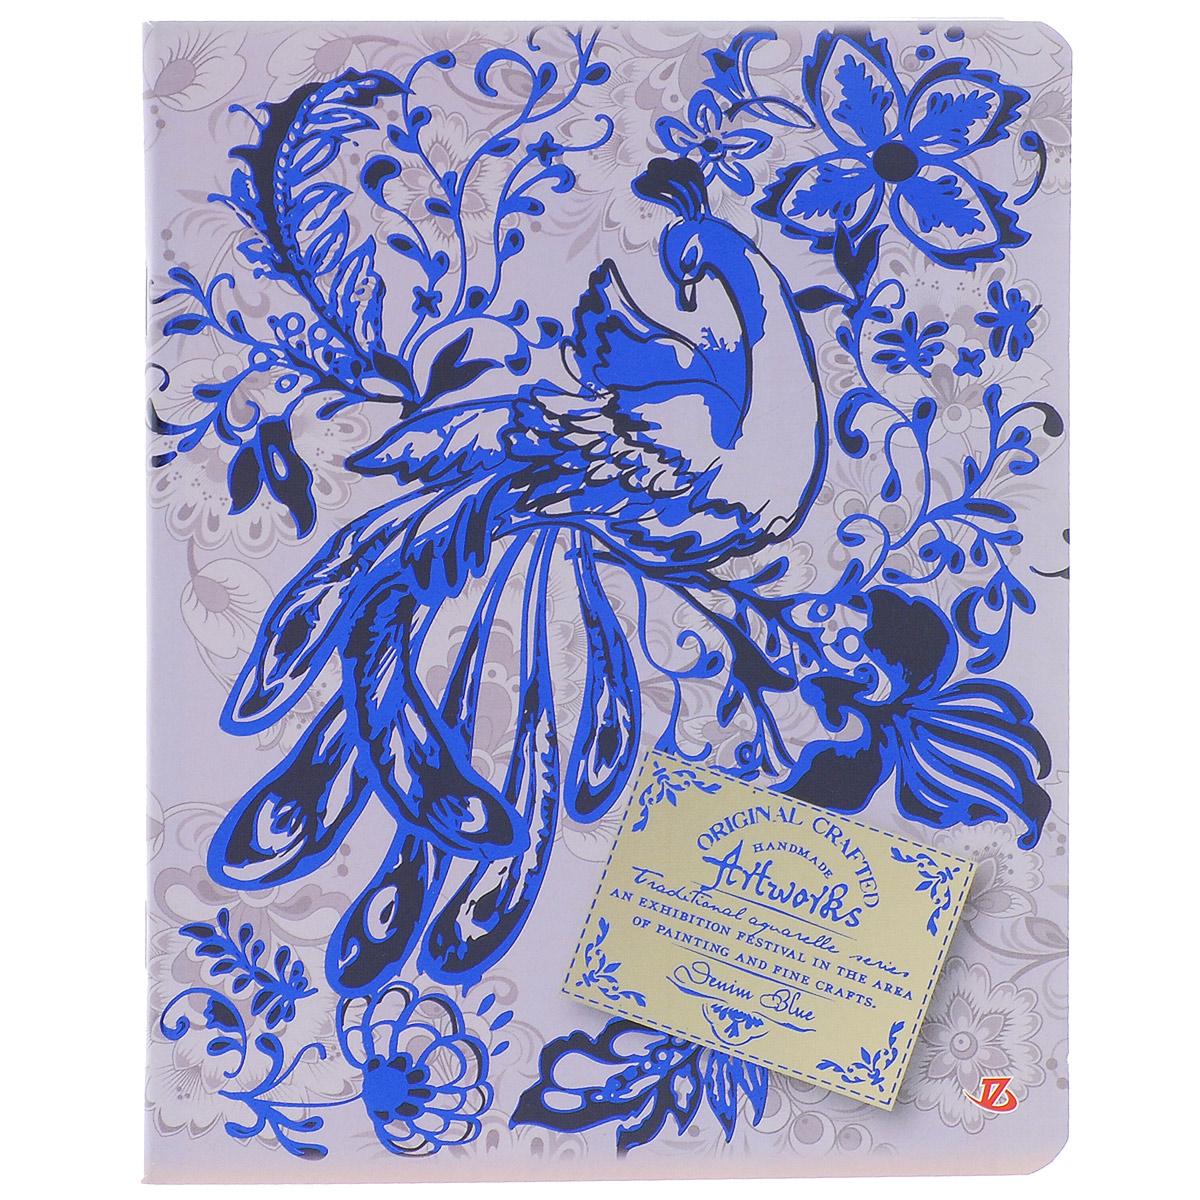 Тетрадь в клетку Гжель, цвет: сиреневый, 60 листов. 7231/57231/5_сиреневыйТетрадь в клетку Гжель идеально подойдет для занятий школьнику или студенту. Обложка, выполненная из плотного мелованного картона, позволит сохранить тетрадь в аккуратном состоянии на протяжении всего времени использования. Закругленные уголки также повышают износостойкость и предотвращают загибание. Лицевая сторона оформлена оригинальным изысканным узором и украшена сверкающим тиснением. Внутренний блок состоит из 60 листов бумаги повышенной белизны в фиолетовую клетку с полями.